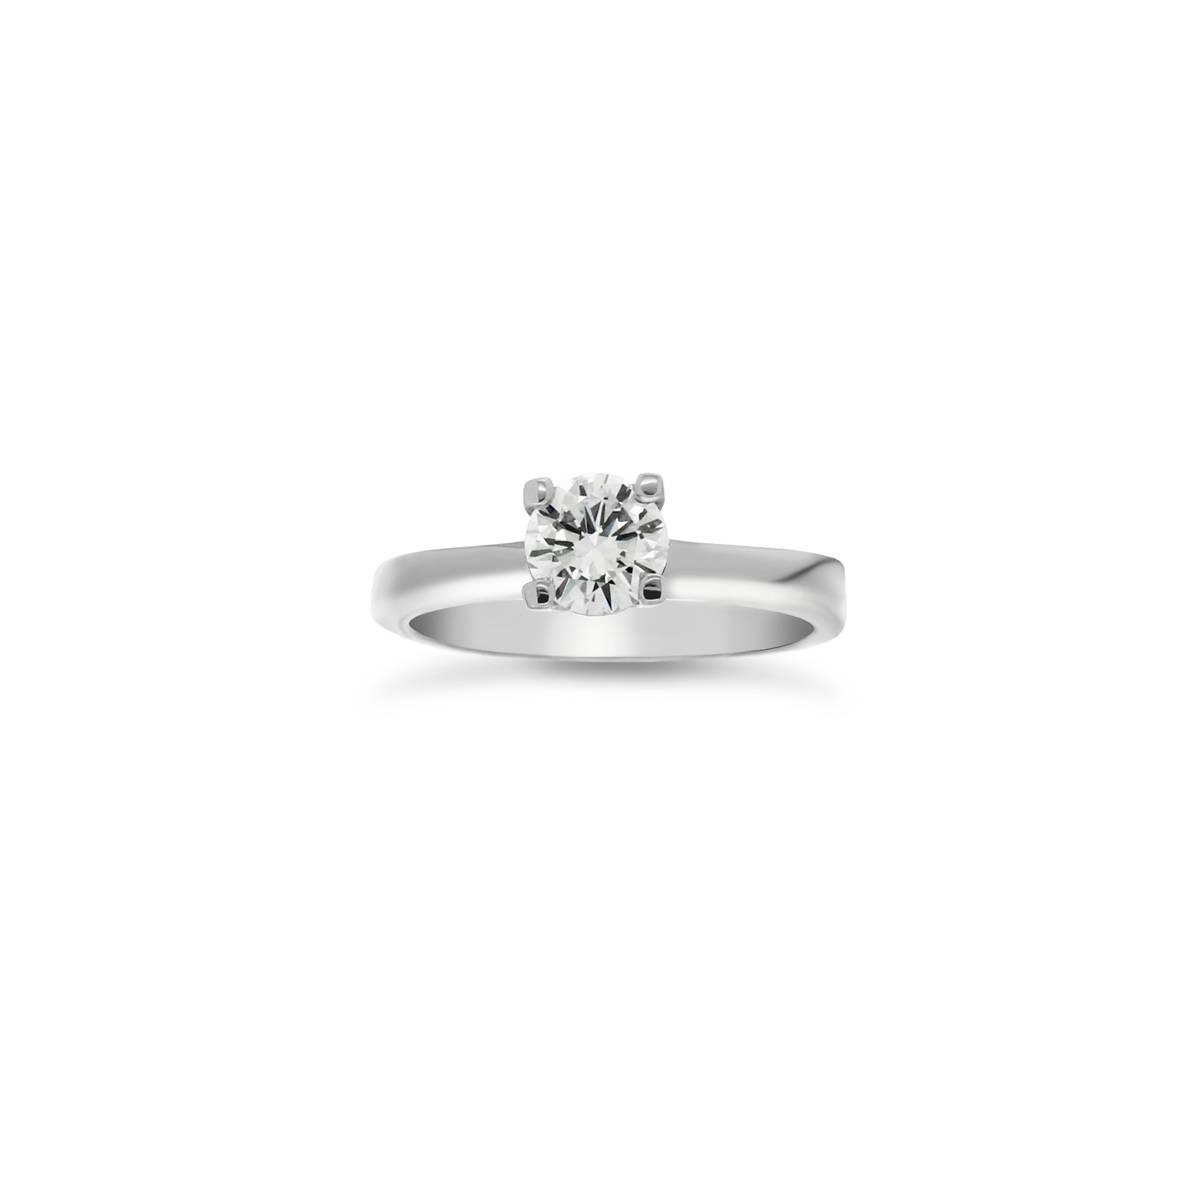 Fehér arany solitaire gyűrű gyémánt kővel